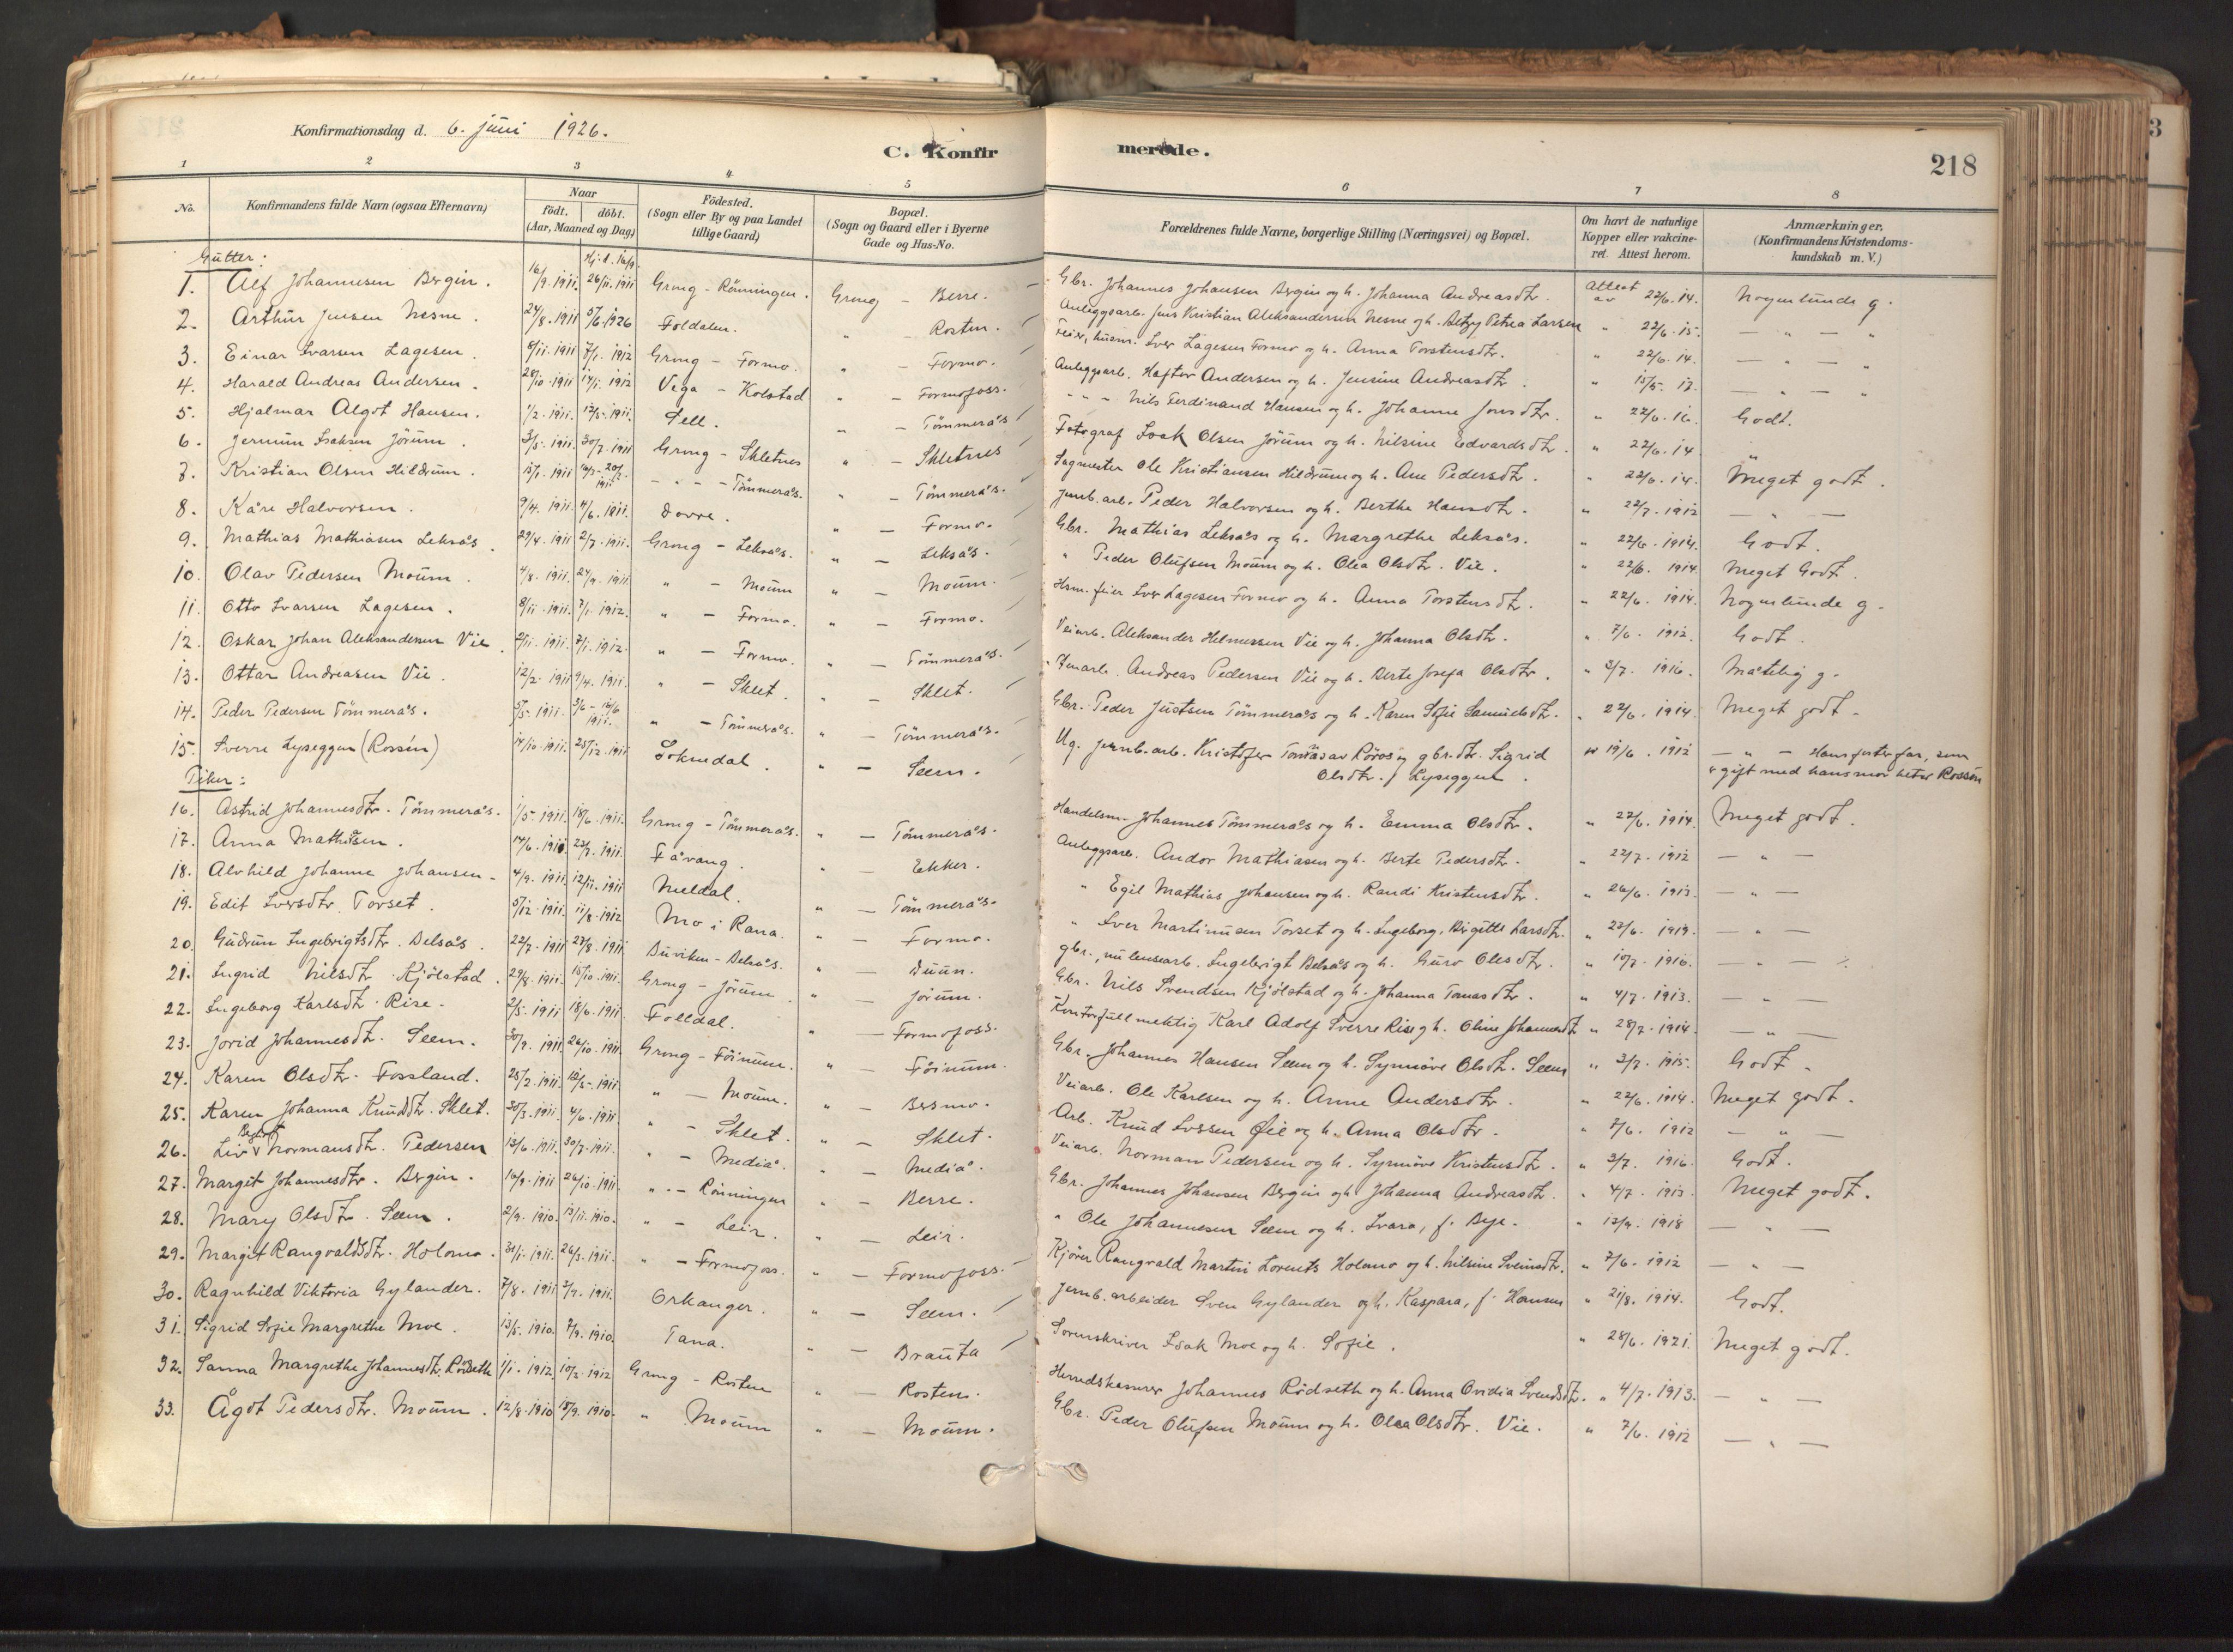 SAT, Ministerialprotokoller, klokkerbøker og fødselsregistre - Nord-Trøndelag, 758/L0519: Ministerialbok nr. 758A04, 1880-1926, s. 218